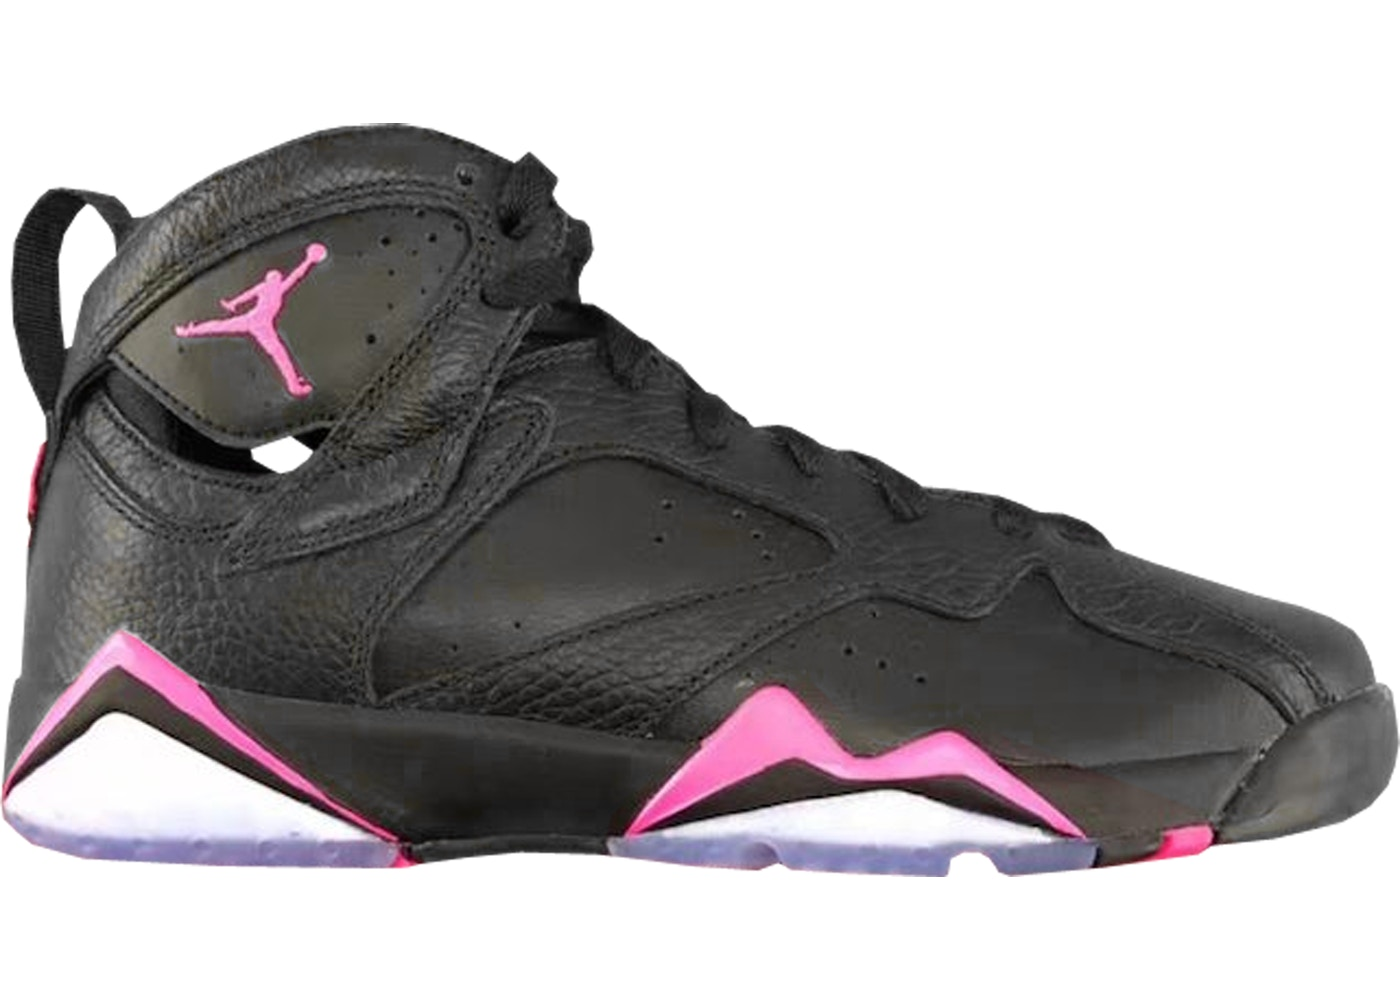 2095b581945 Air Jordan 7 Shoes - Release Date